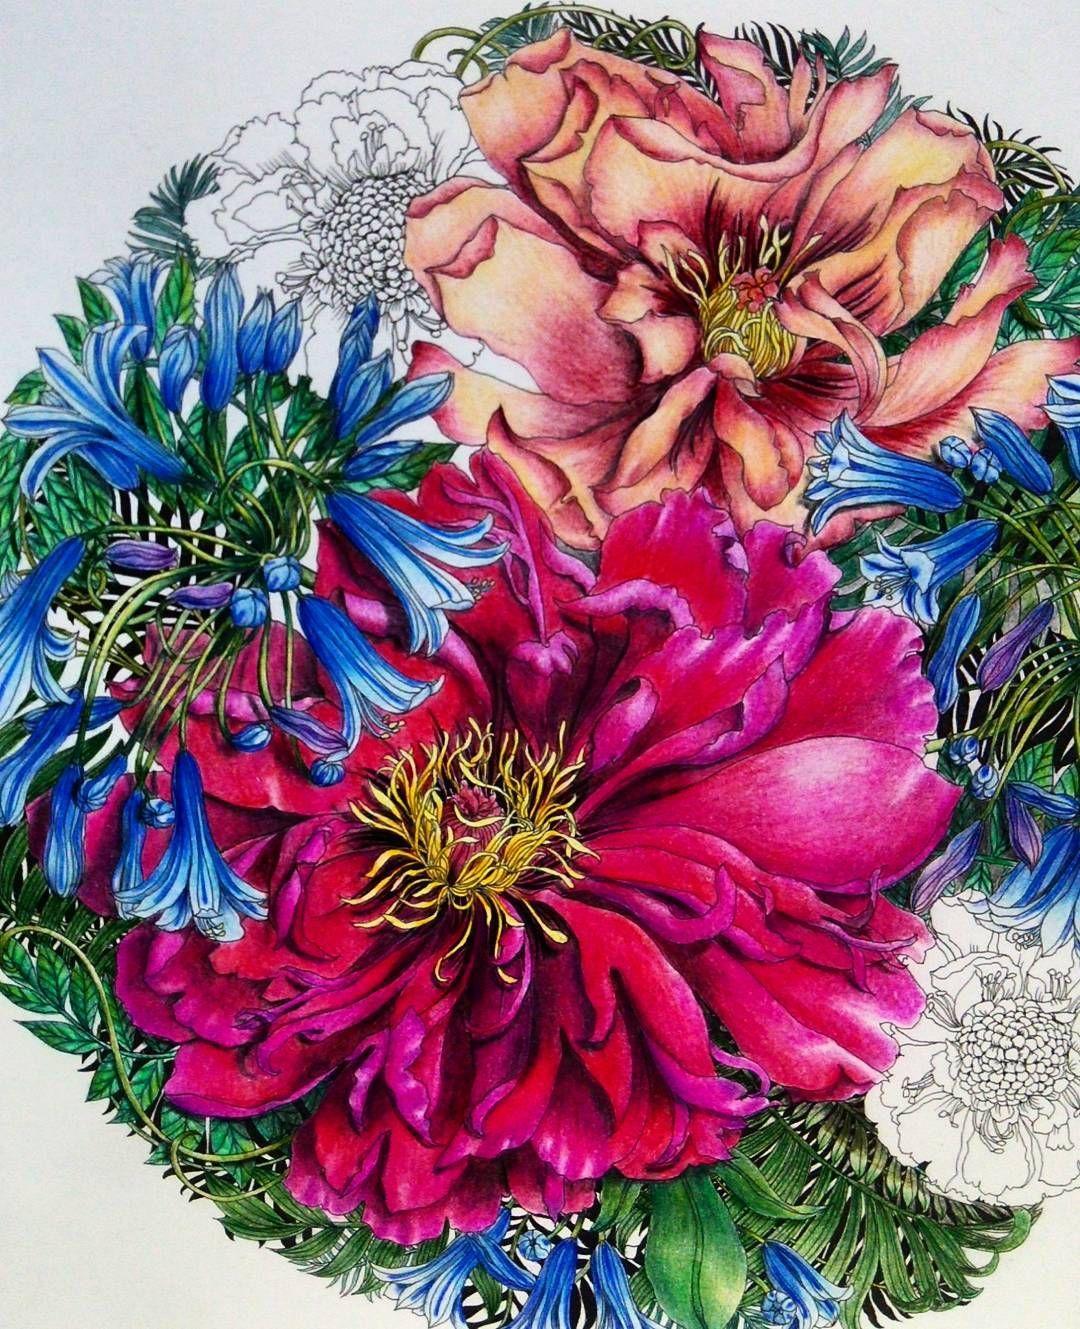 途中経過の記録です❤ | Inspirational Coloring pages | Pinterest ...